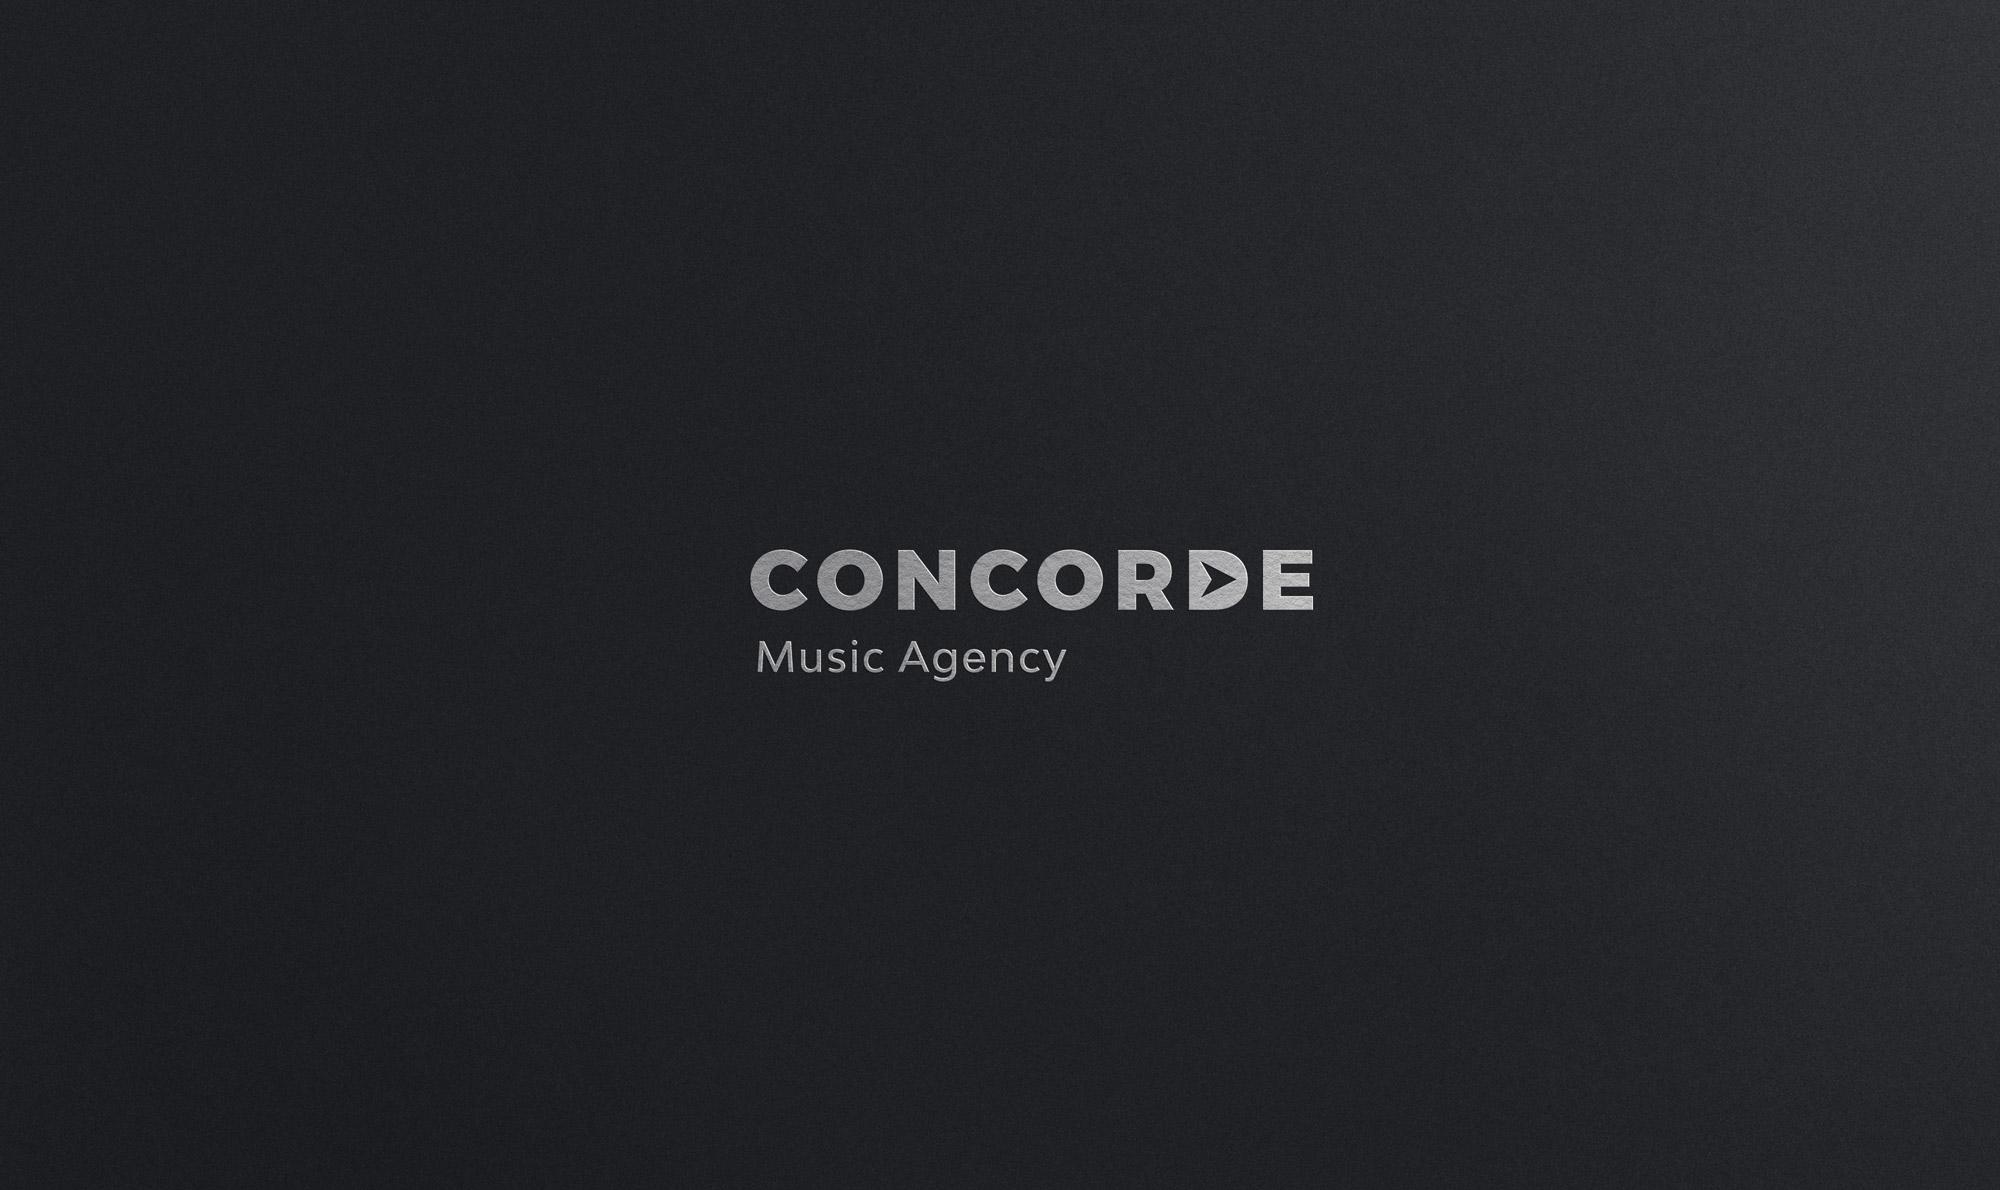 CONCORDE-MI-AMIGO-01